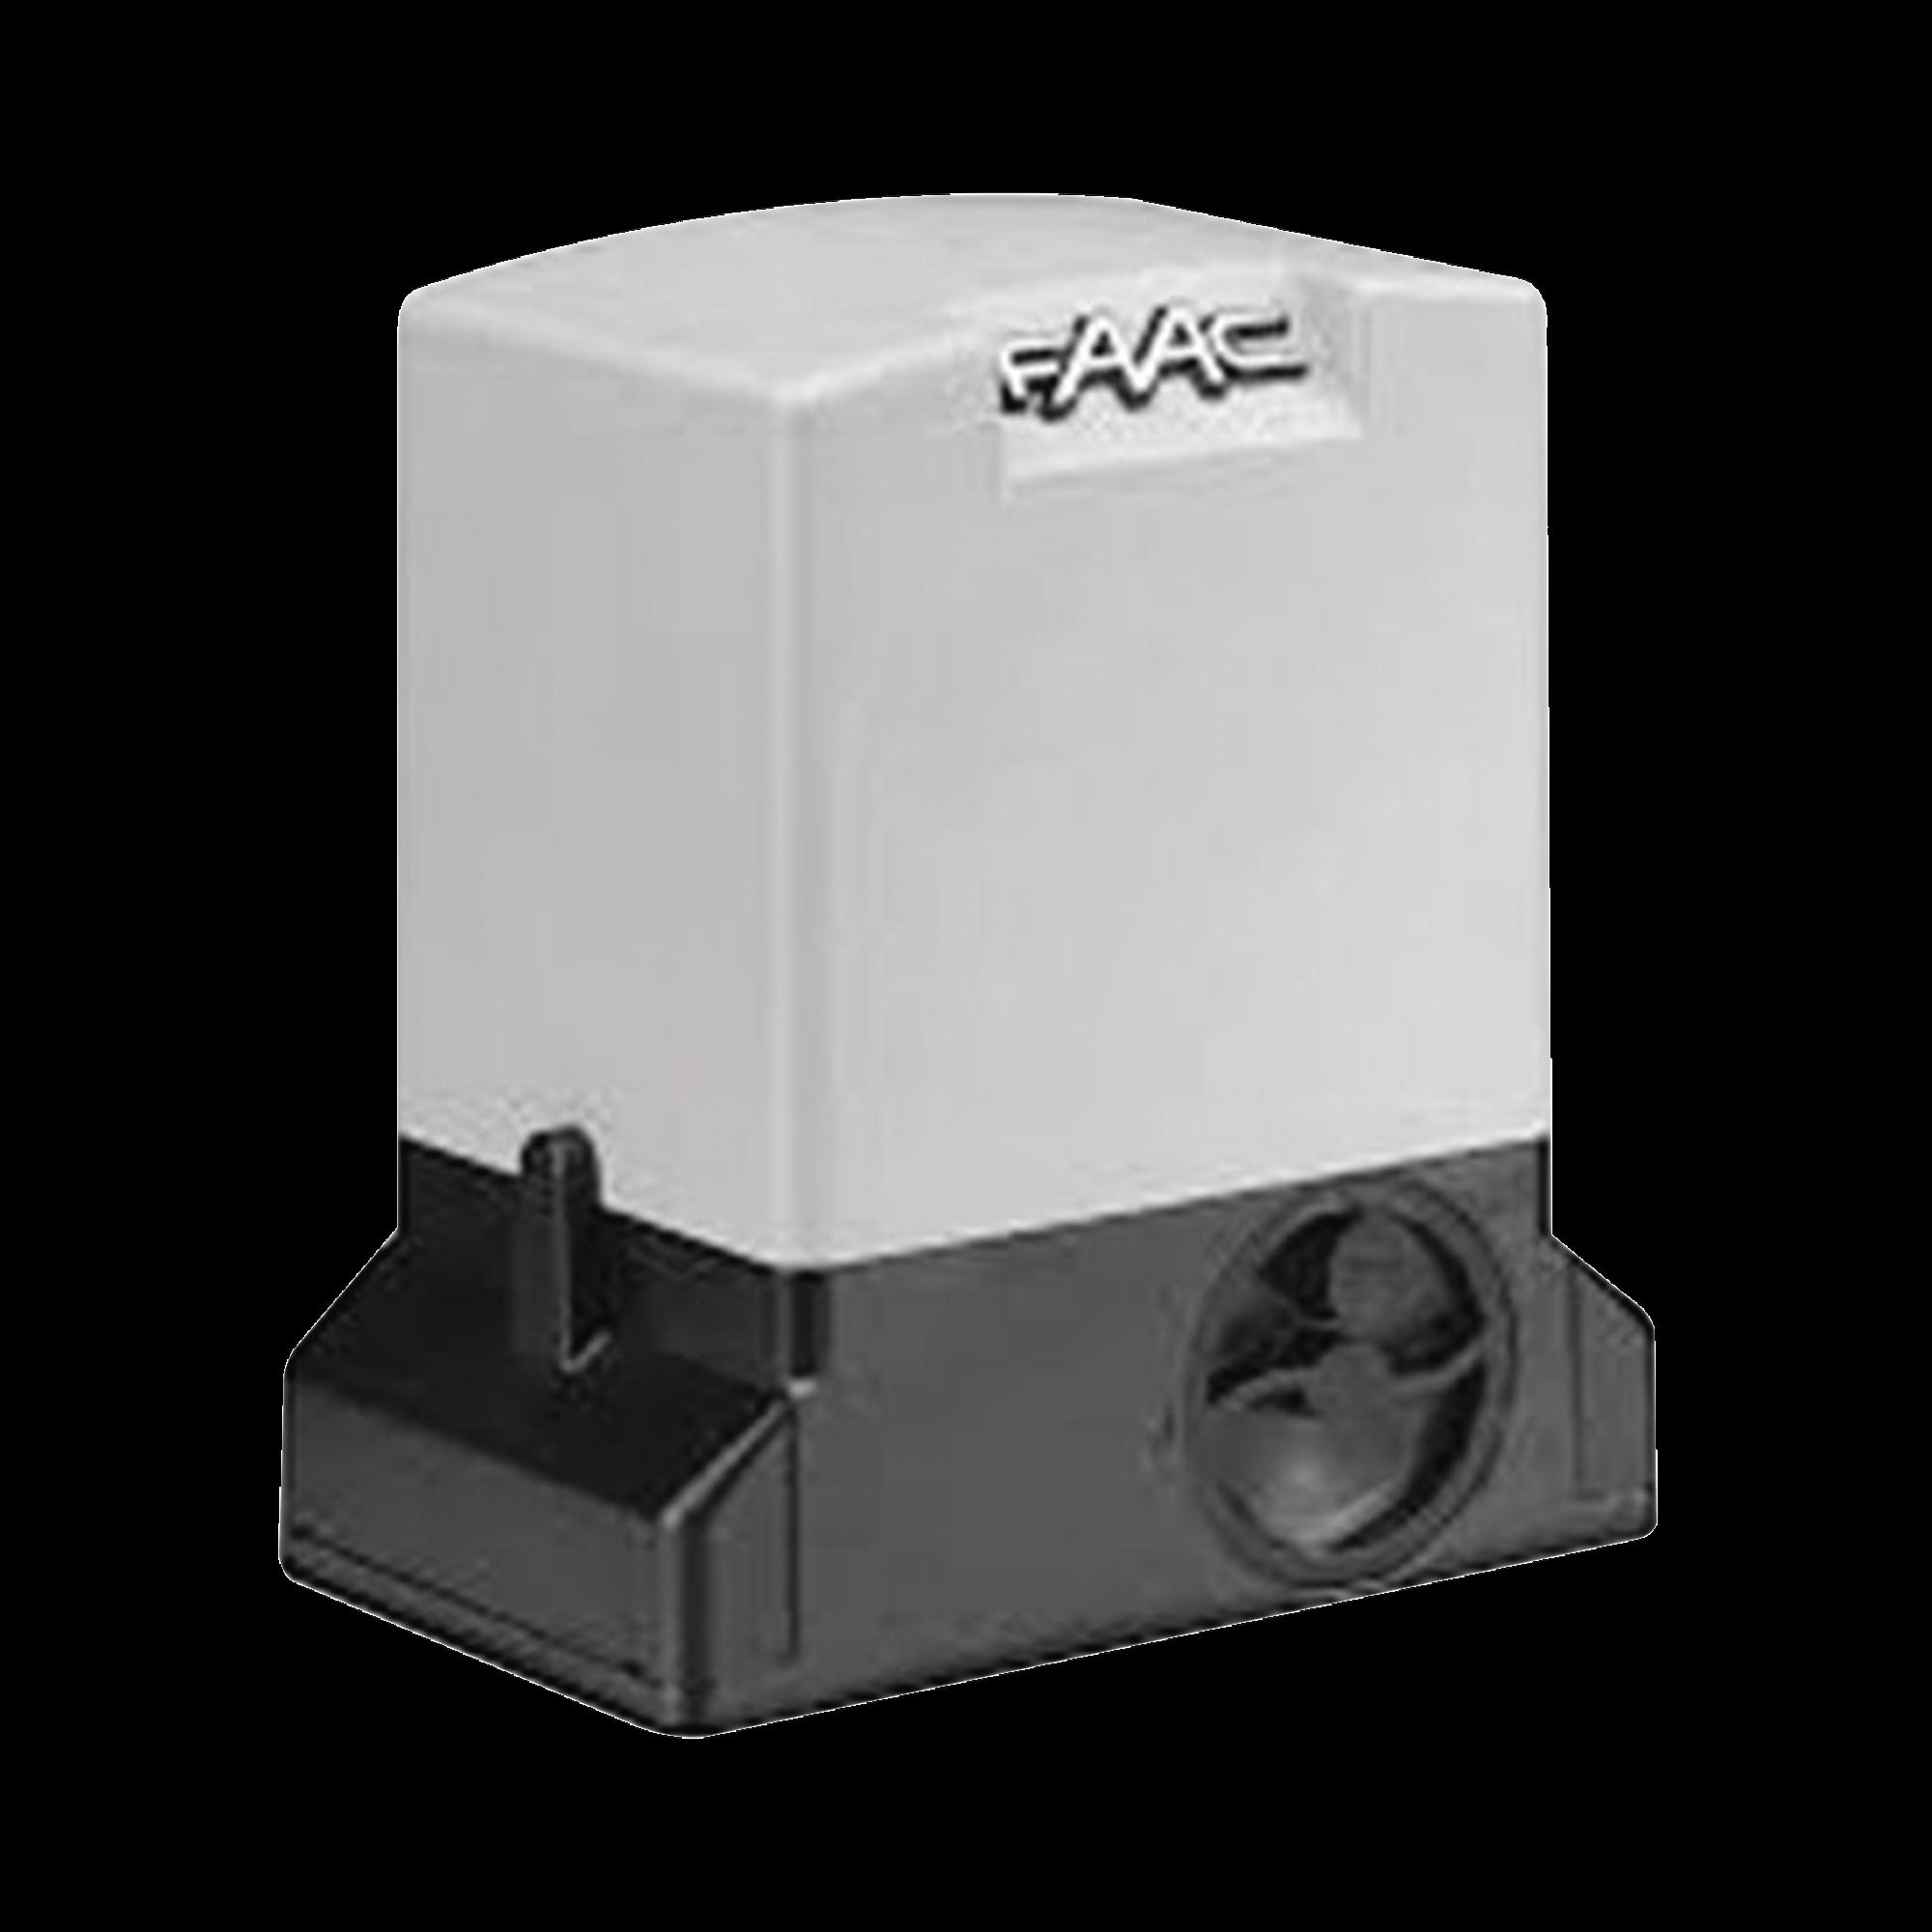 Operador FAAC 741 para Puertas Corredizas de Hasta 900 kg / Longitud Máxima de la Hoja de 15 Metros